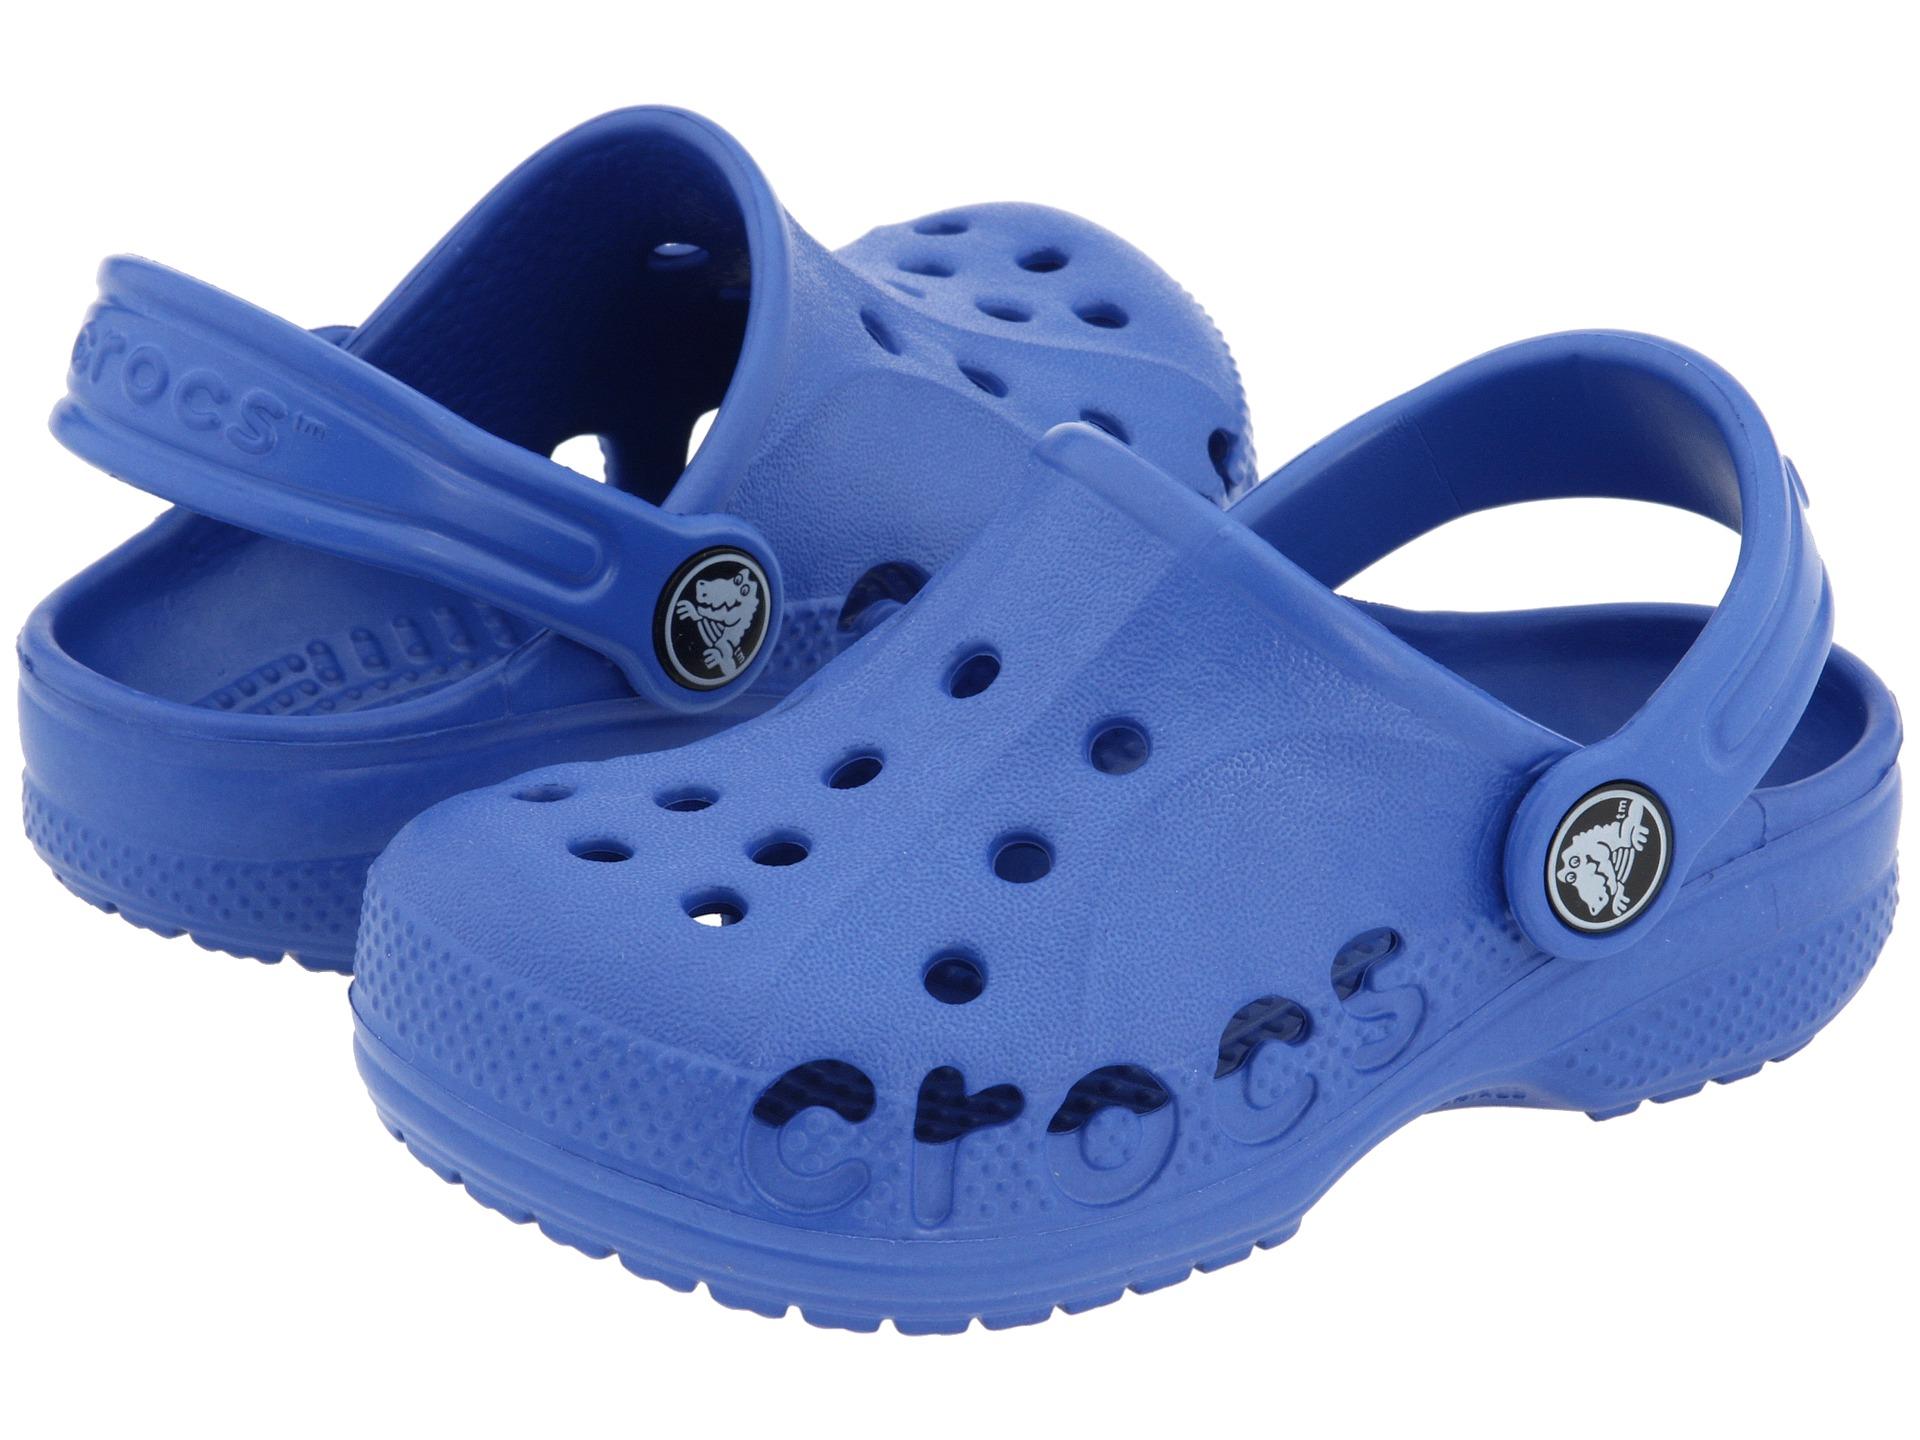 Crocs Kids Baya (Infant/Toddler/Youth) $20.99 ( 25% off MSRP $28.00)